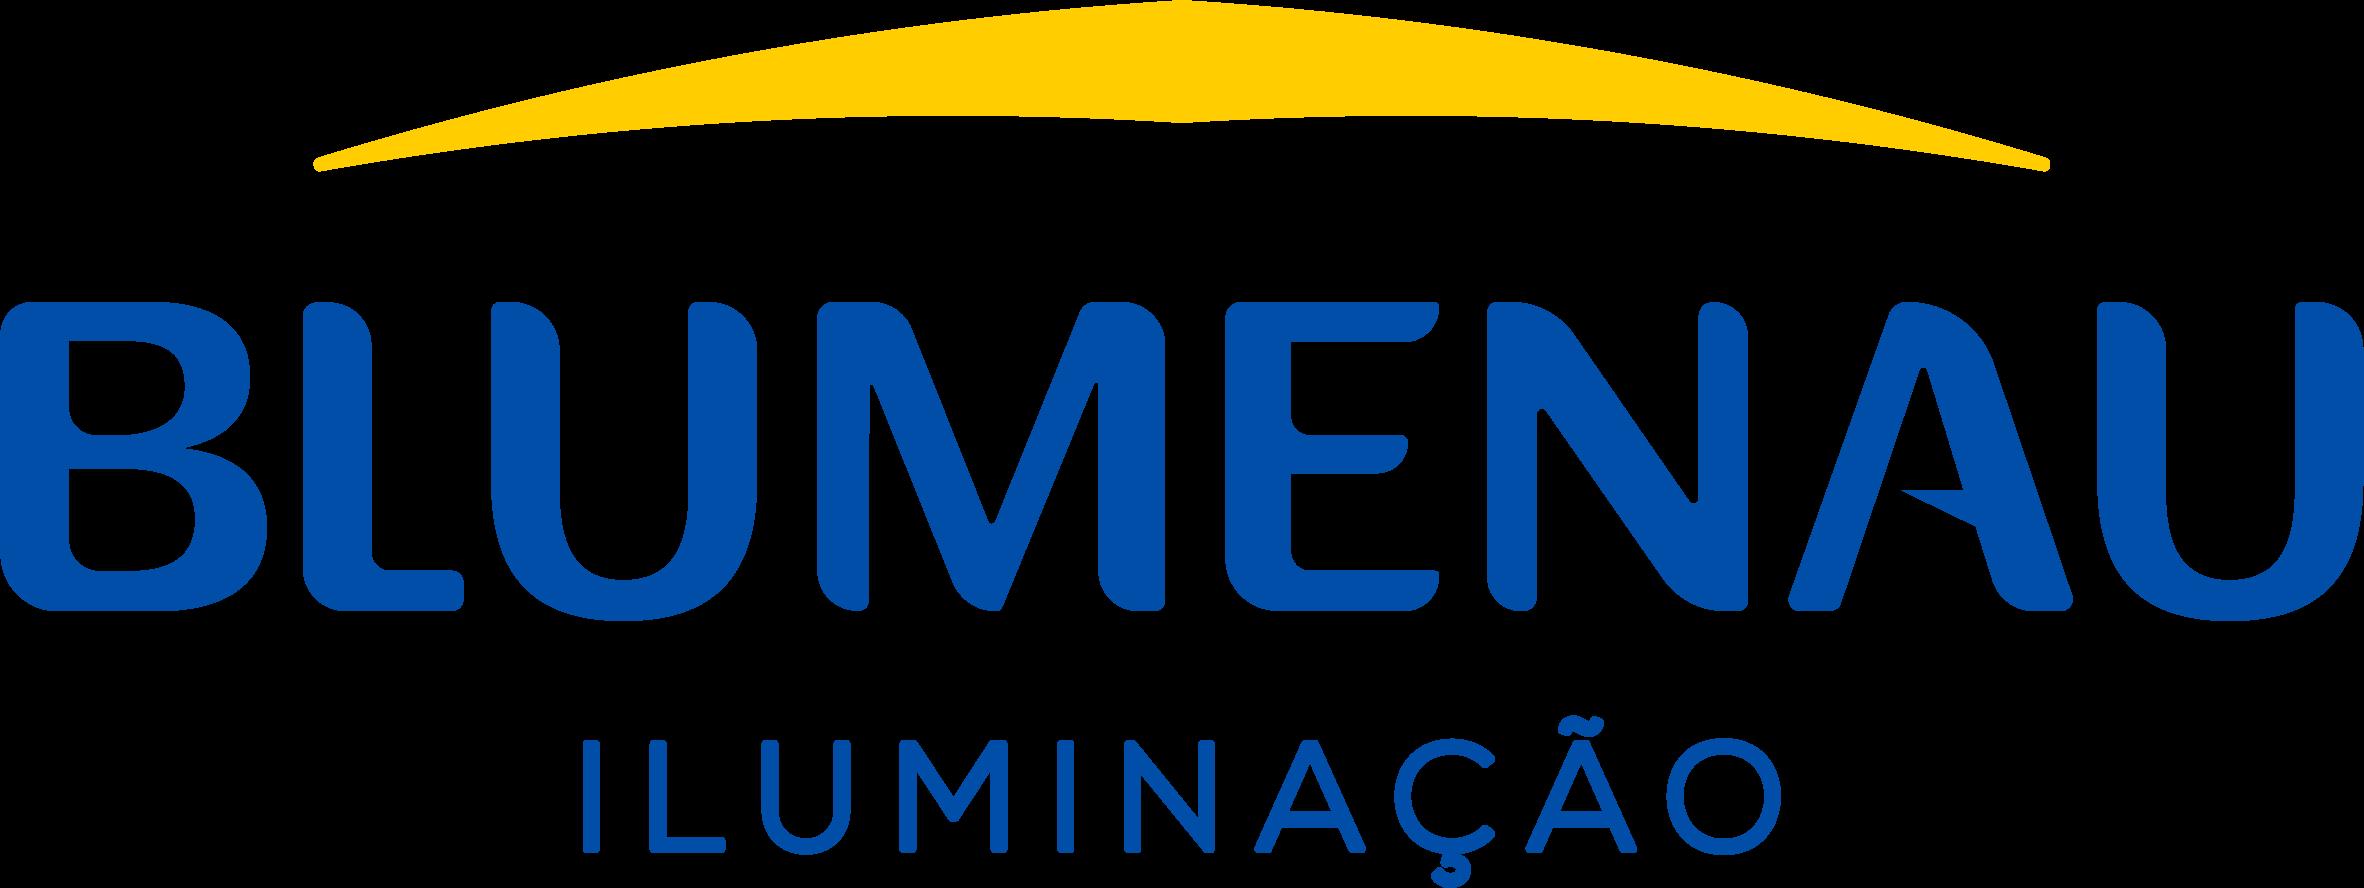 Pamplona Iluminação inicia o segundo semestre com nova identidade visual nas duas marcas comandadas pela empresa